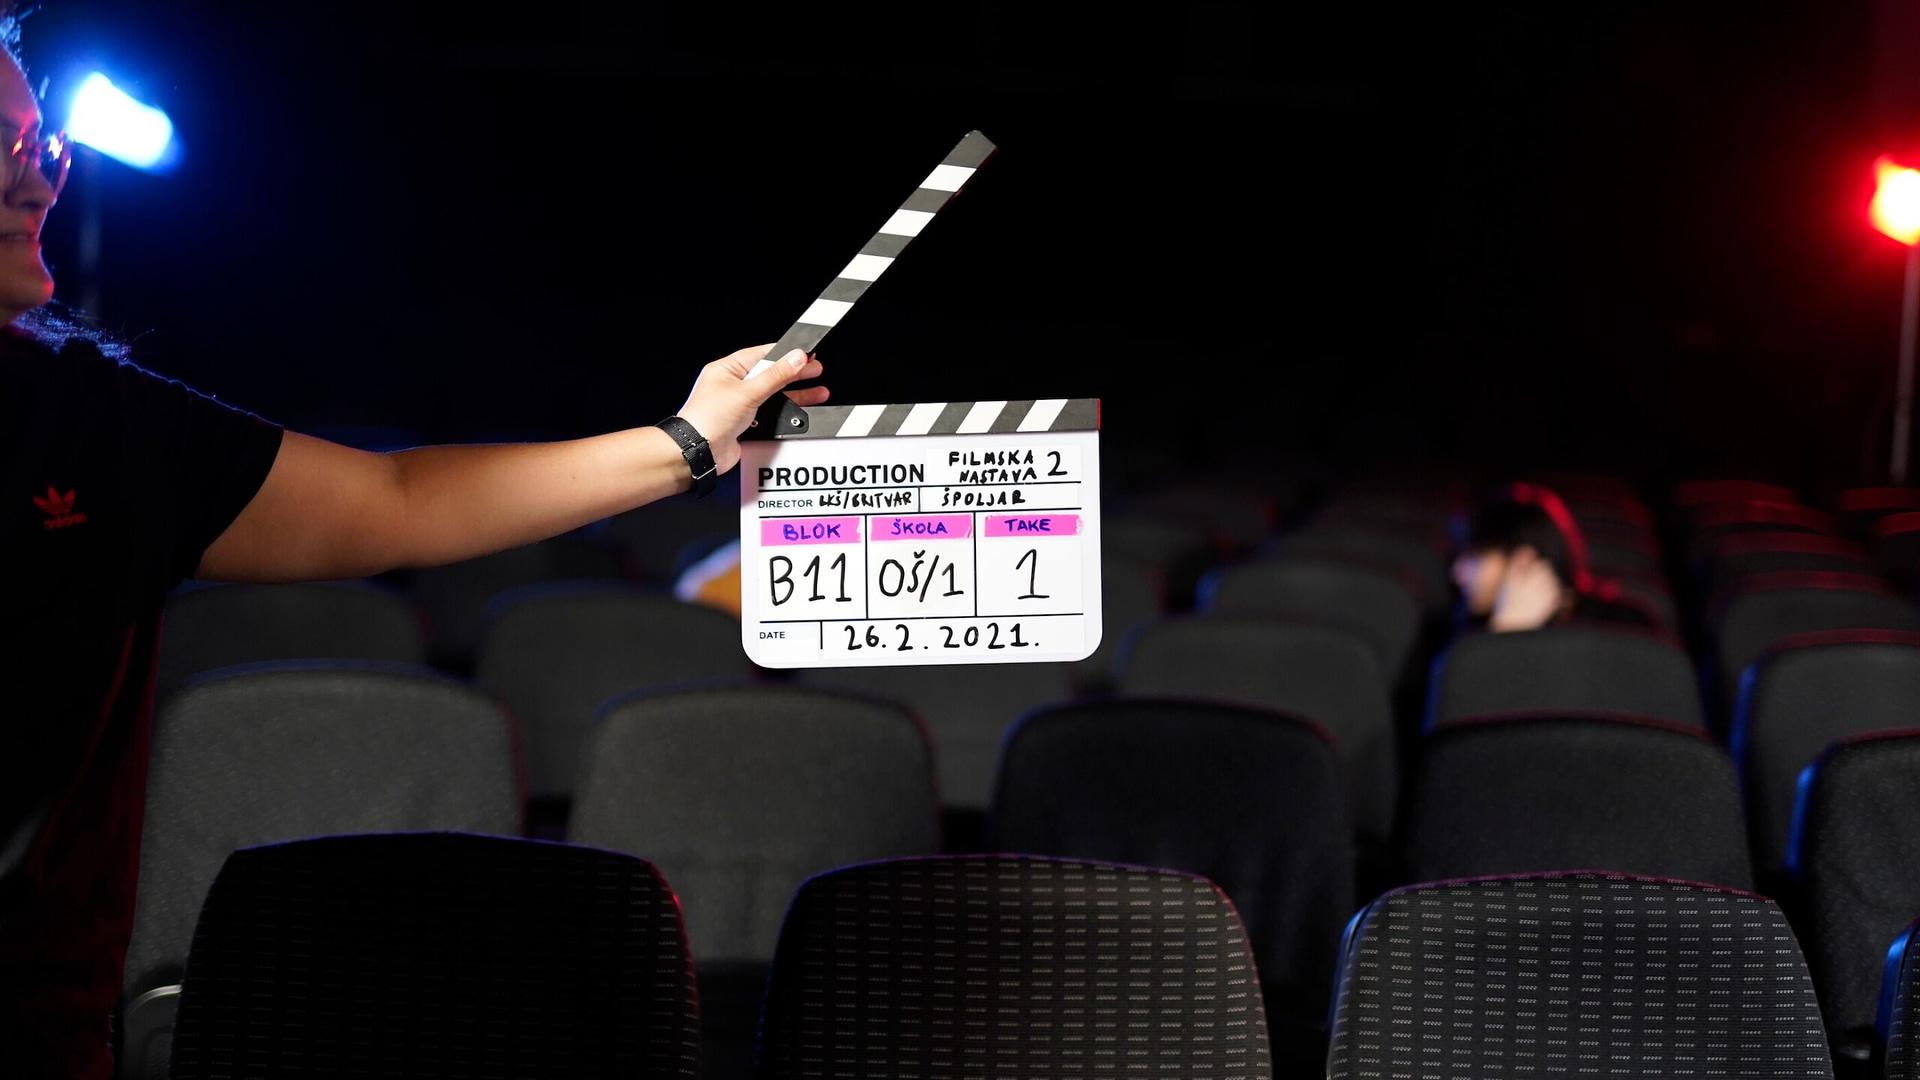 Više od 40 novih filmova uskoro dostupno potpuno besplatno učenicima i nastavnicima